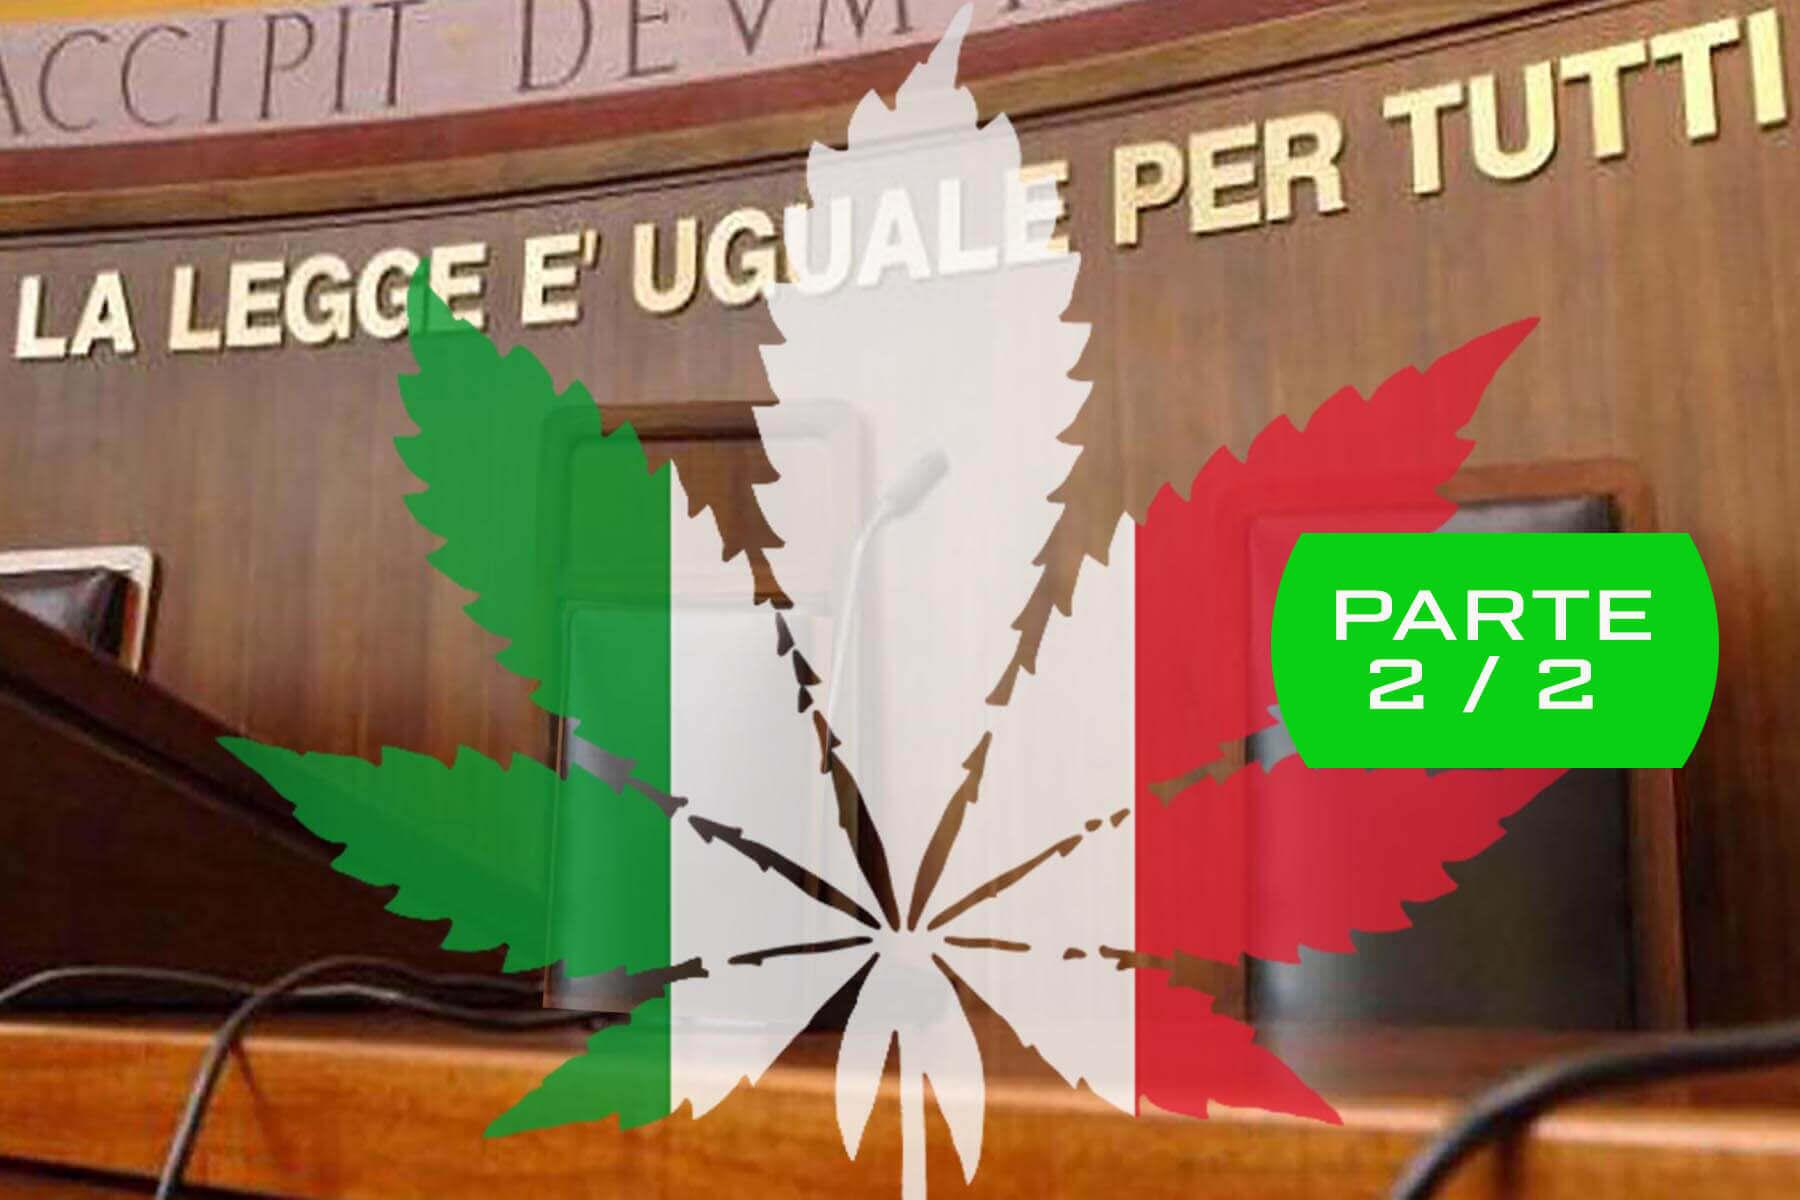 Cannabis Light in Italia: Aggiornamento 2021 sulla Situazione Legislativa Italiana - Parte 2/2